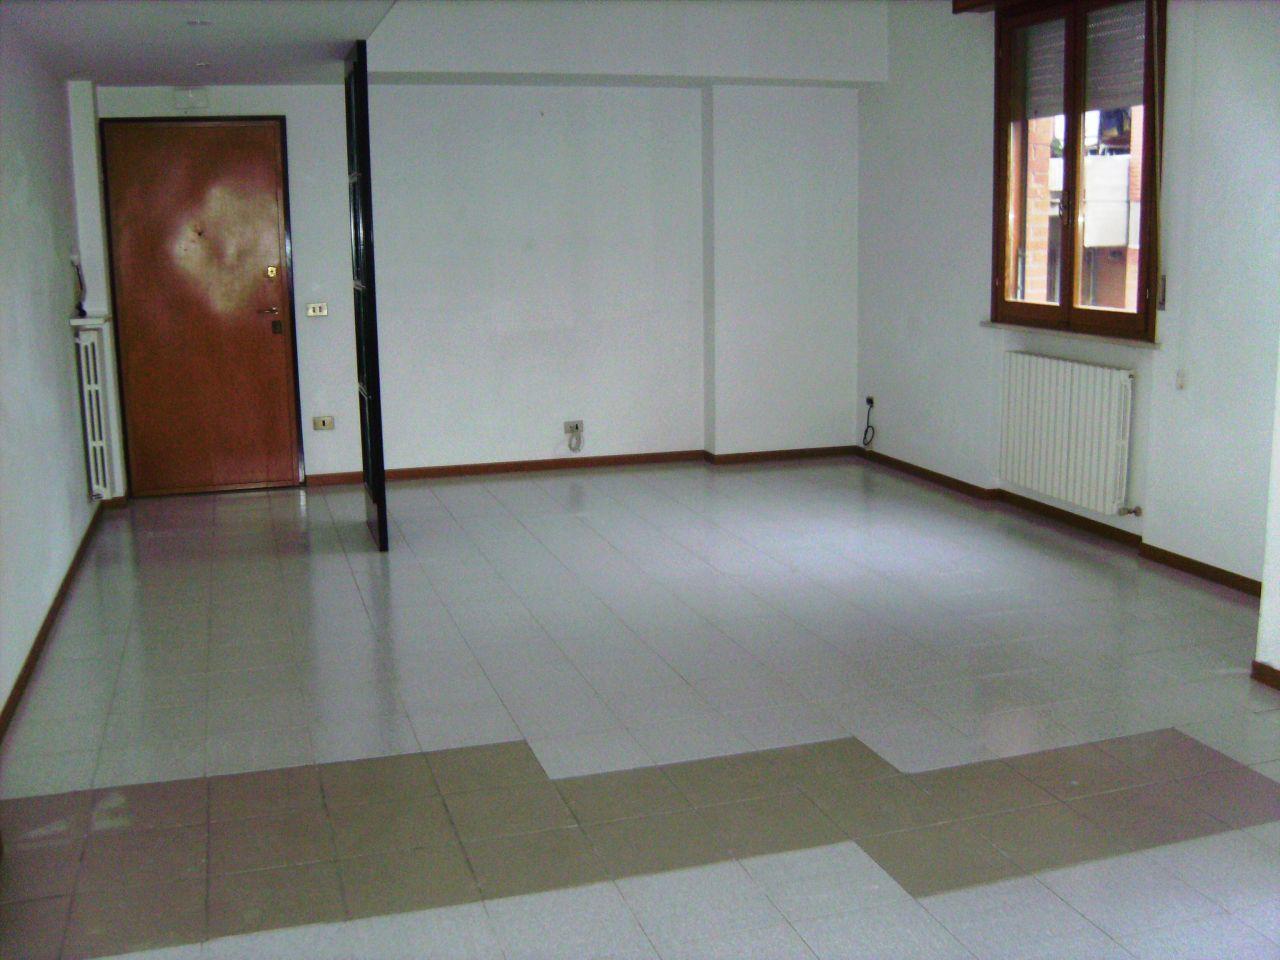 Appartamento in vendita a Jesi, 3 locali, Trattative riservate | Cambio Casa.it